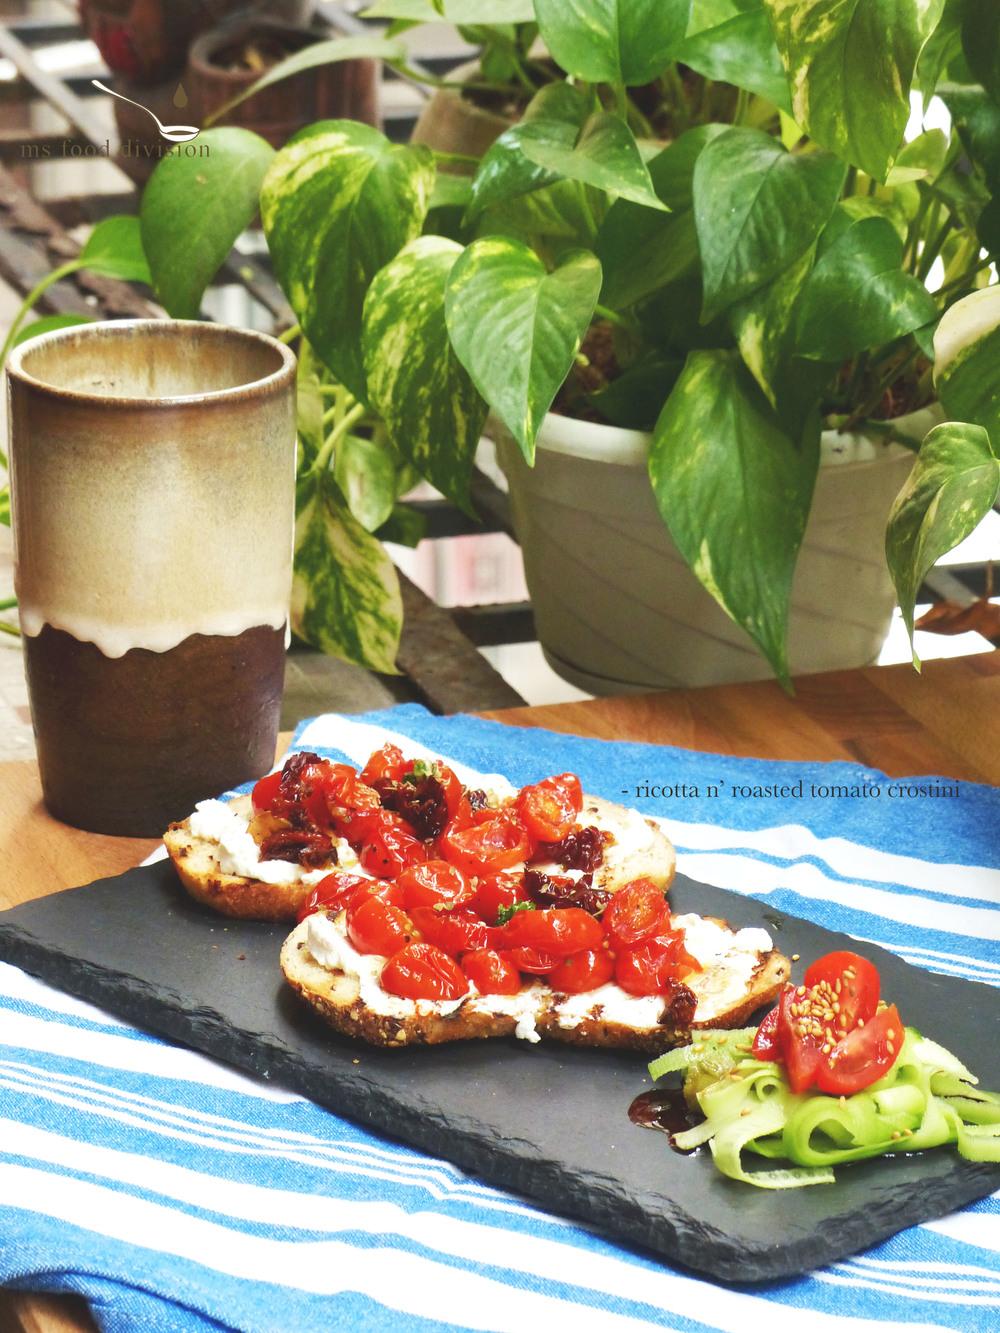 ricotta-tomato-crostini3.jpg